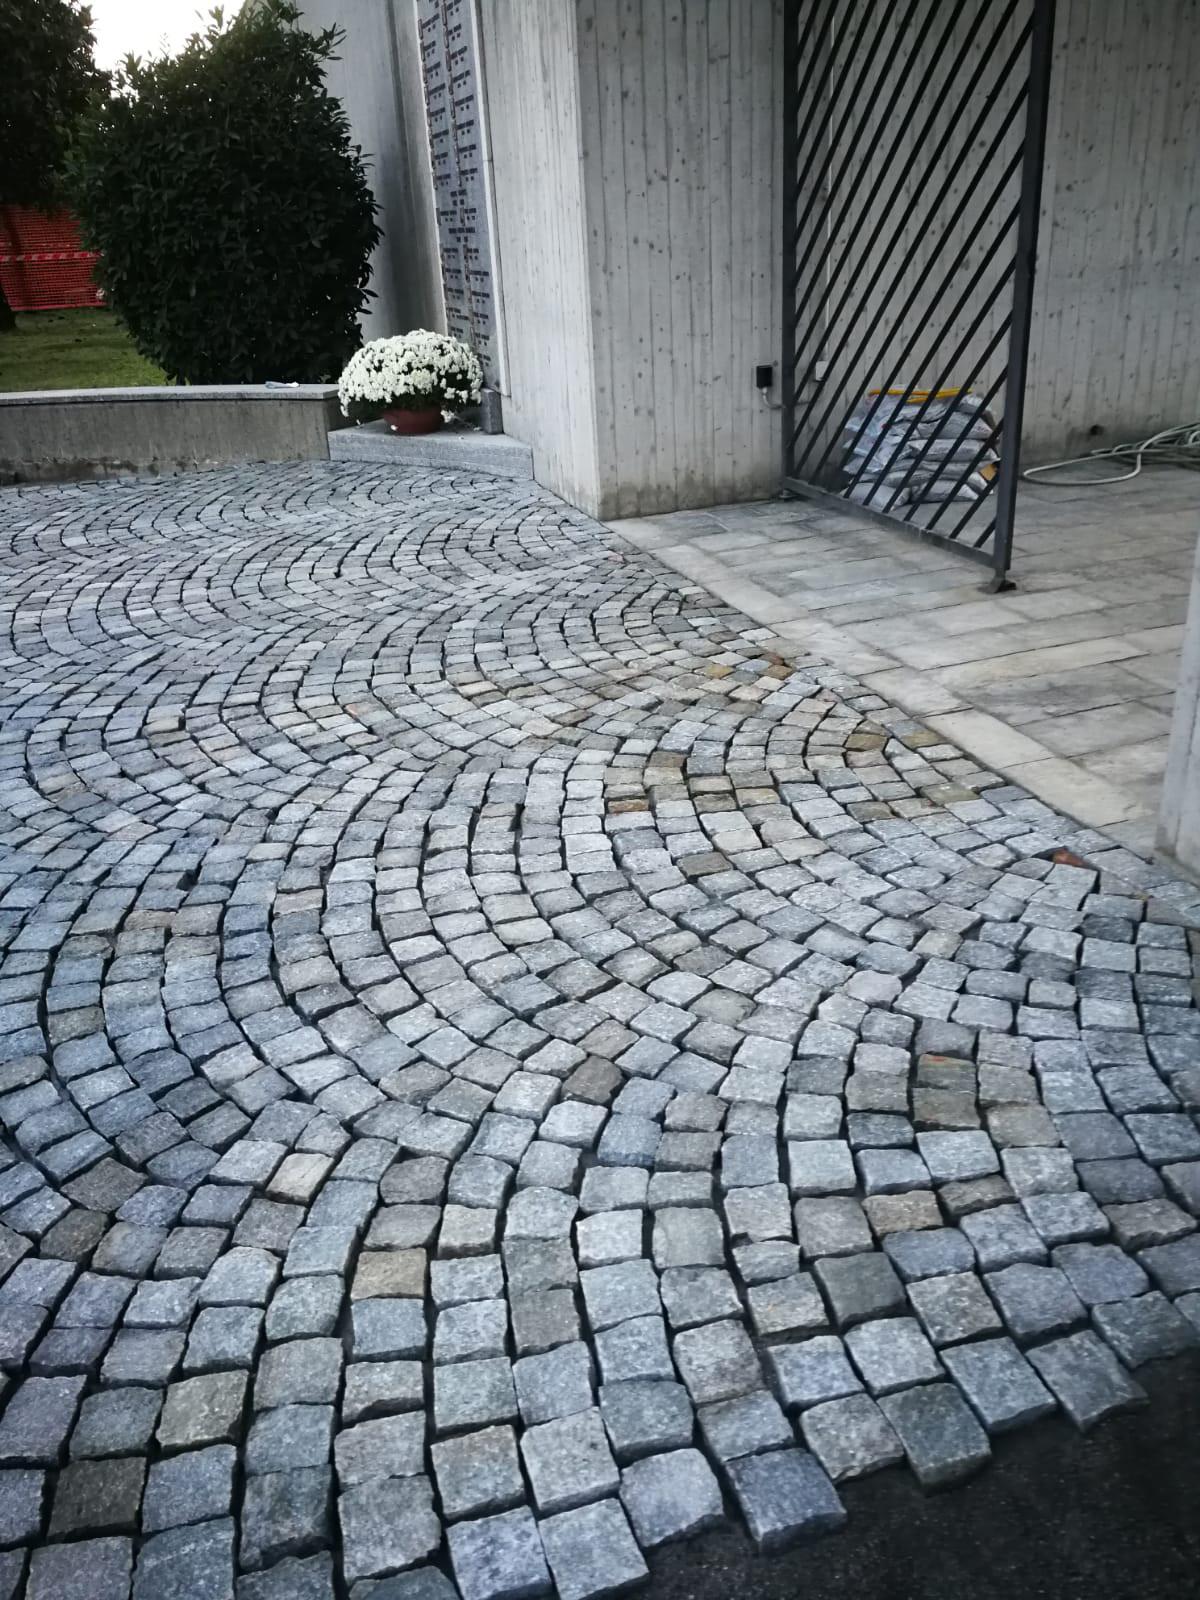 Perico-Renato-Ambivere (BG) - Cimitero comunale - Ristrutturazione 15